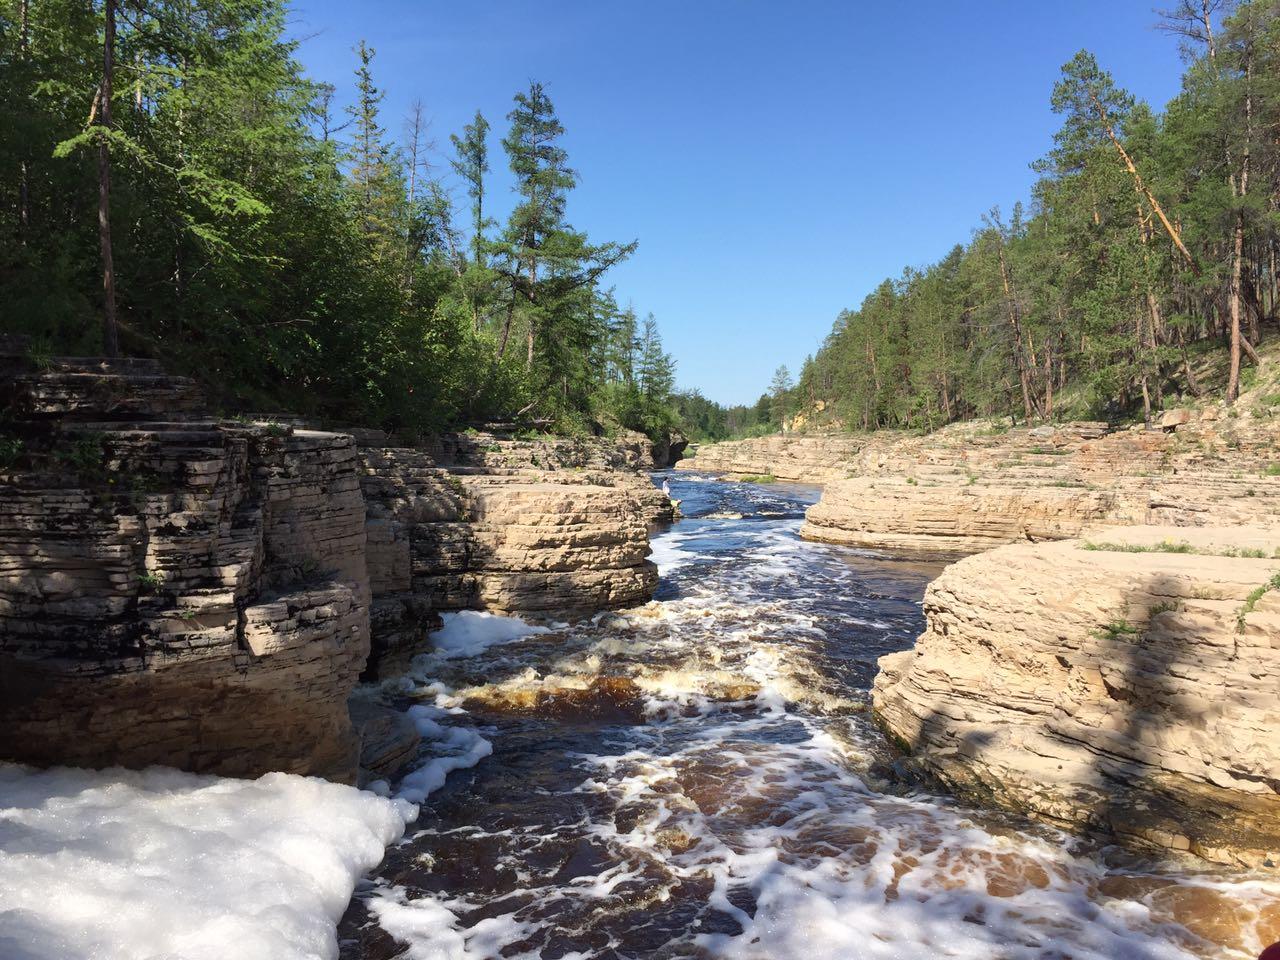 Республика Саха, Якутия, Хангаласский улус, Күрүлүүр, фото